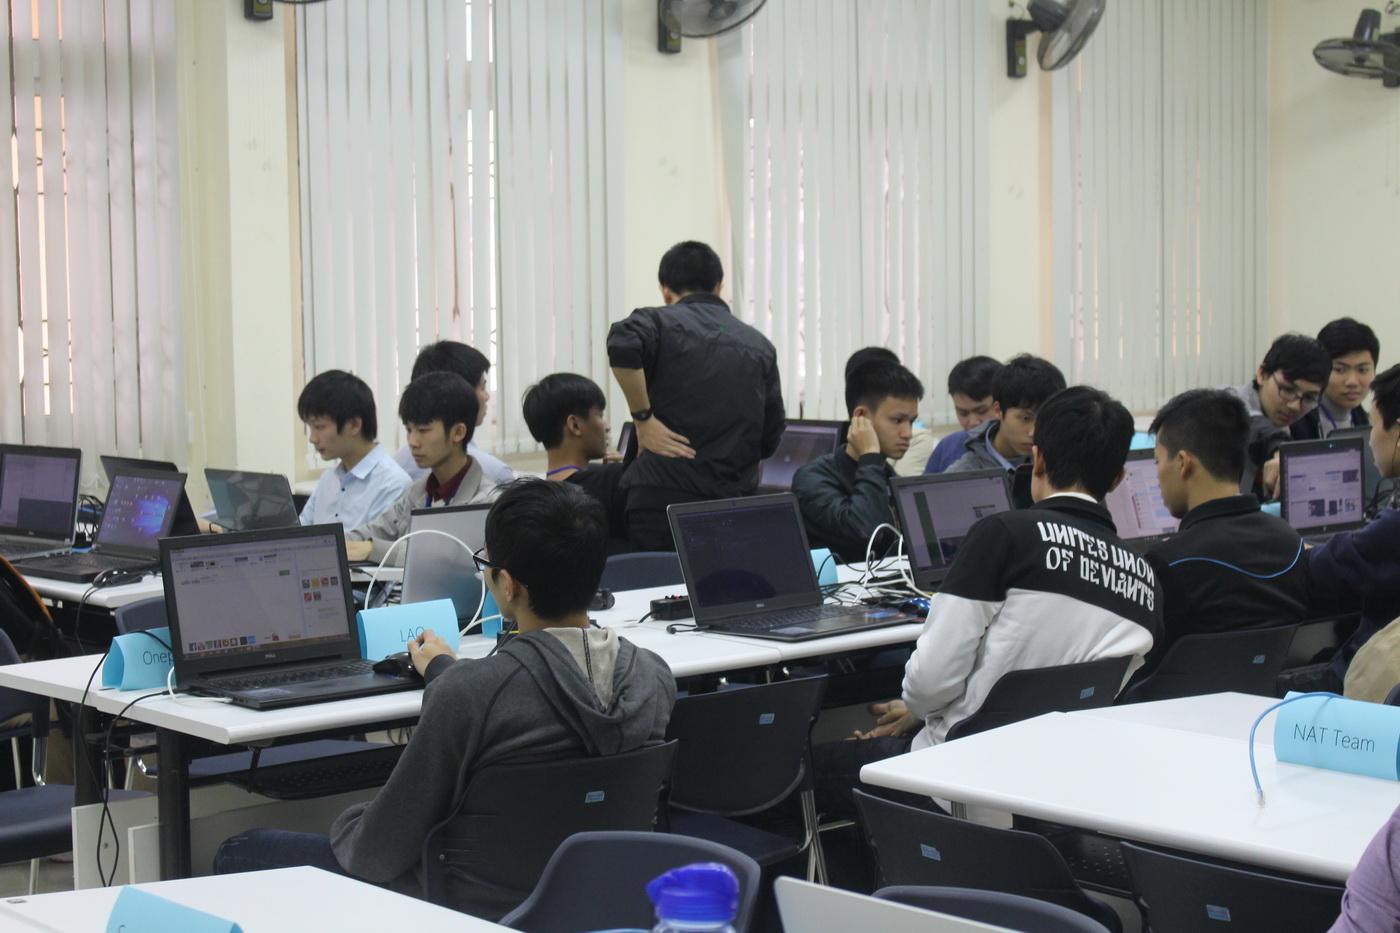 Khai mạc UET Hackathon 2017 - Nơi các anh tài công nghệ được hội tụ và thỏa sức sáng tạo - Ảnh 11.